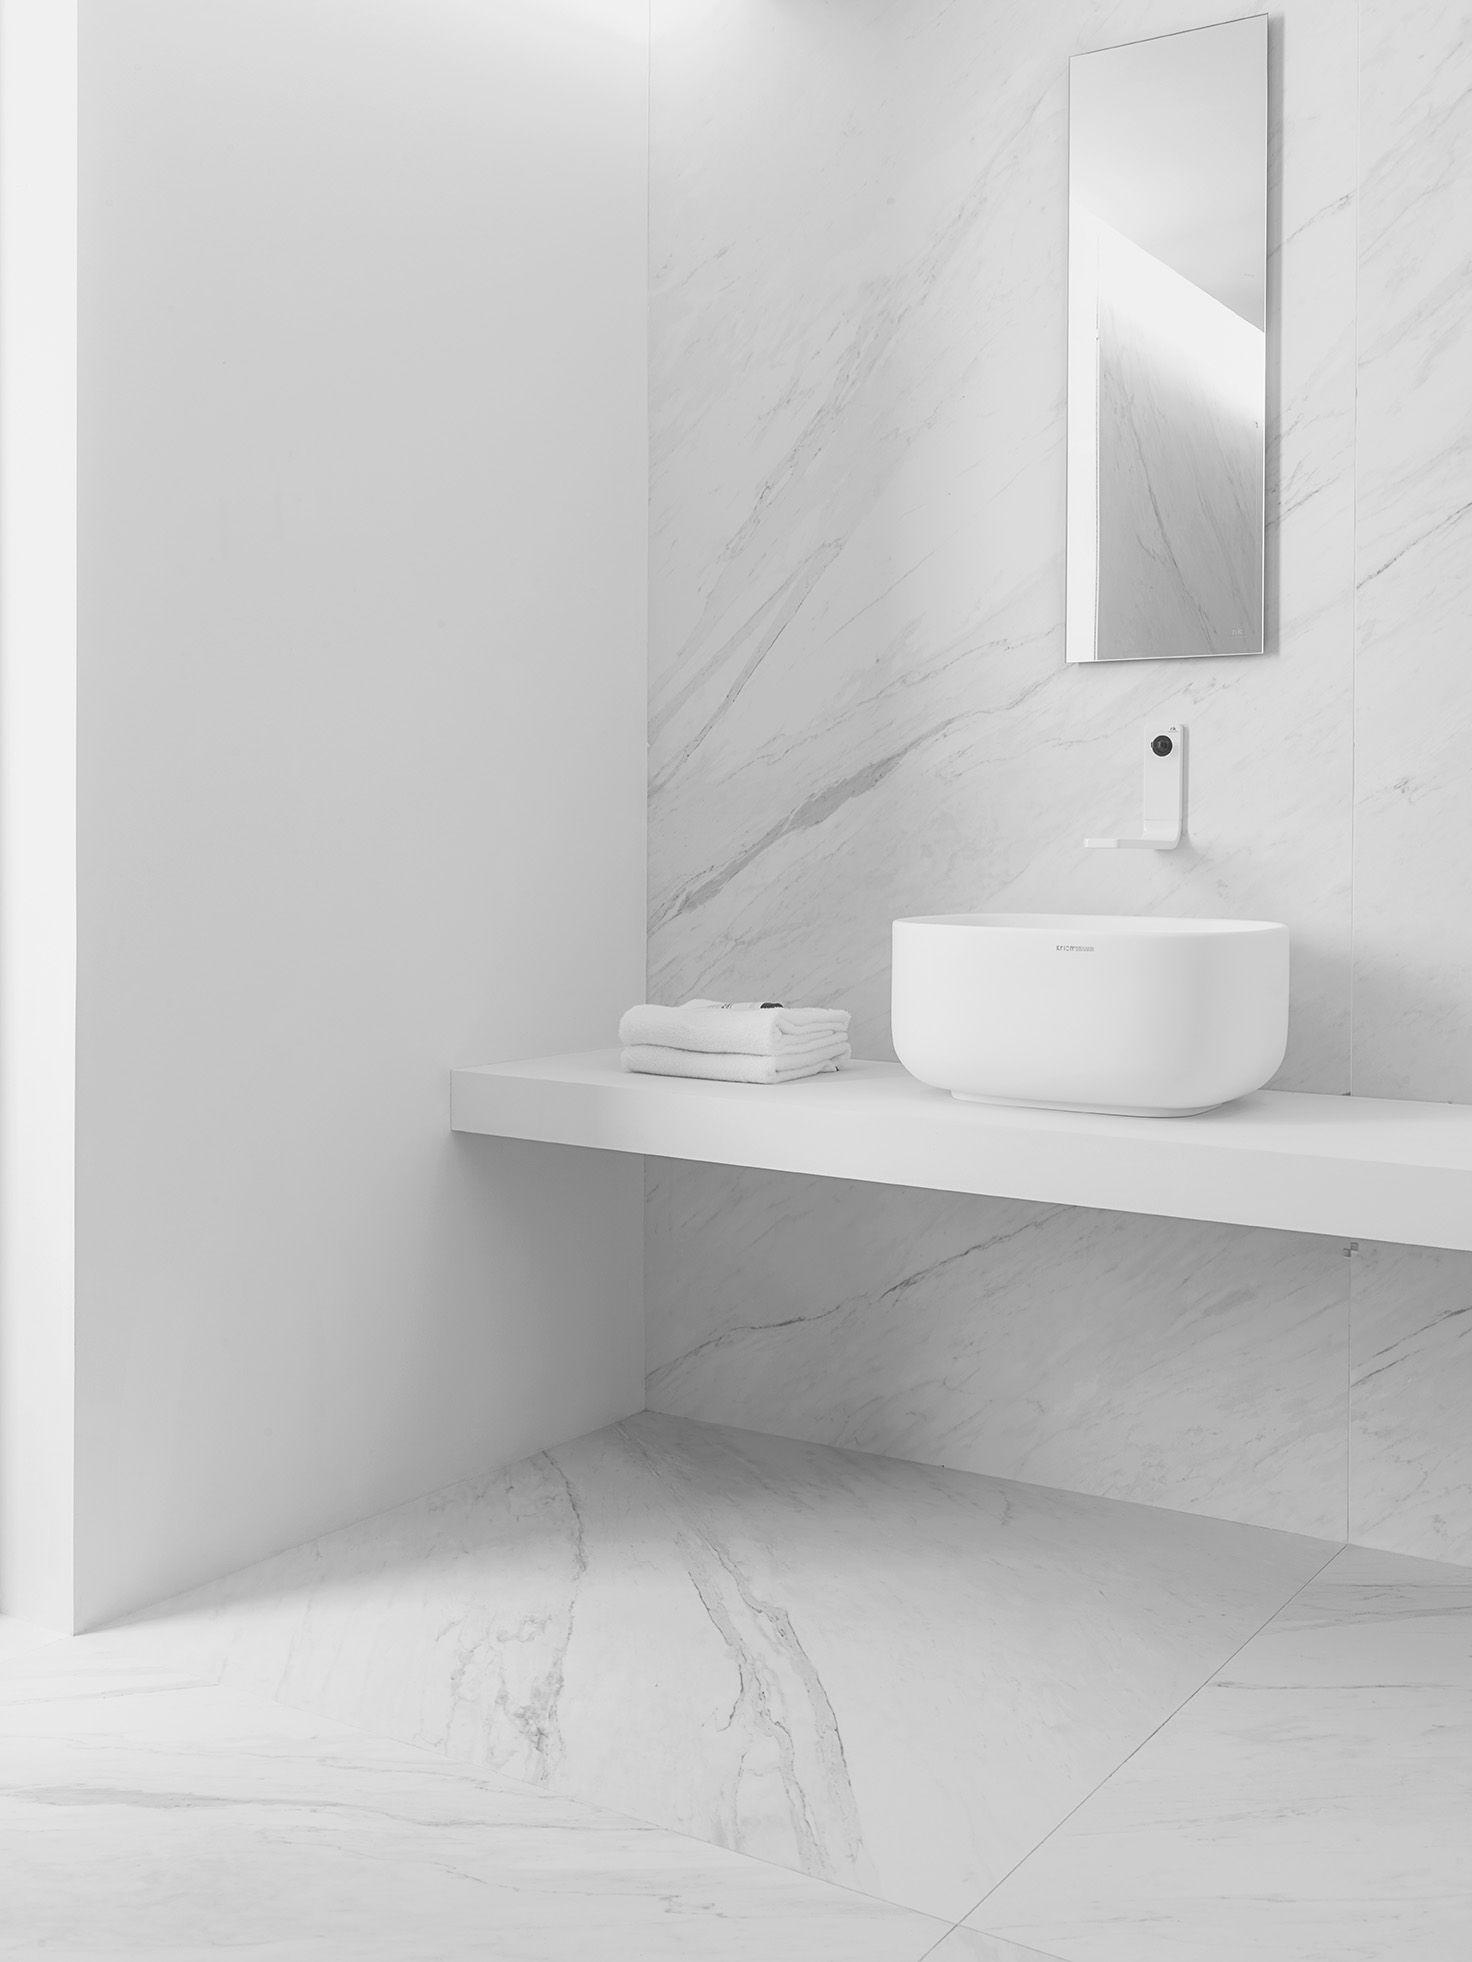 Porcelanosa bathrooms ba os porcelanosa ba os ba o - Baldosas bano porcelanosa ...